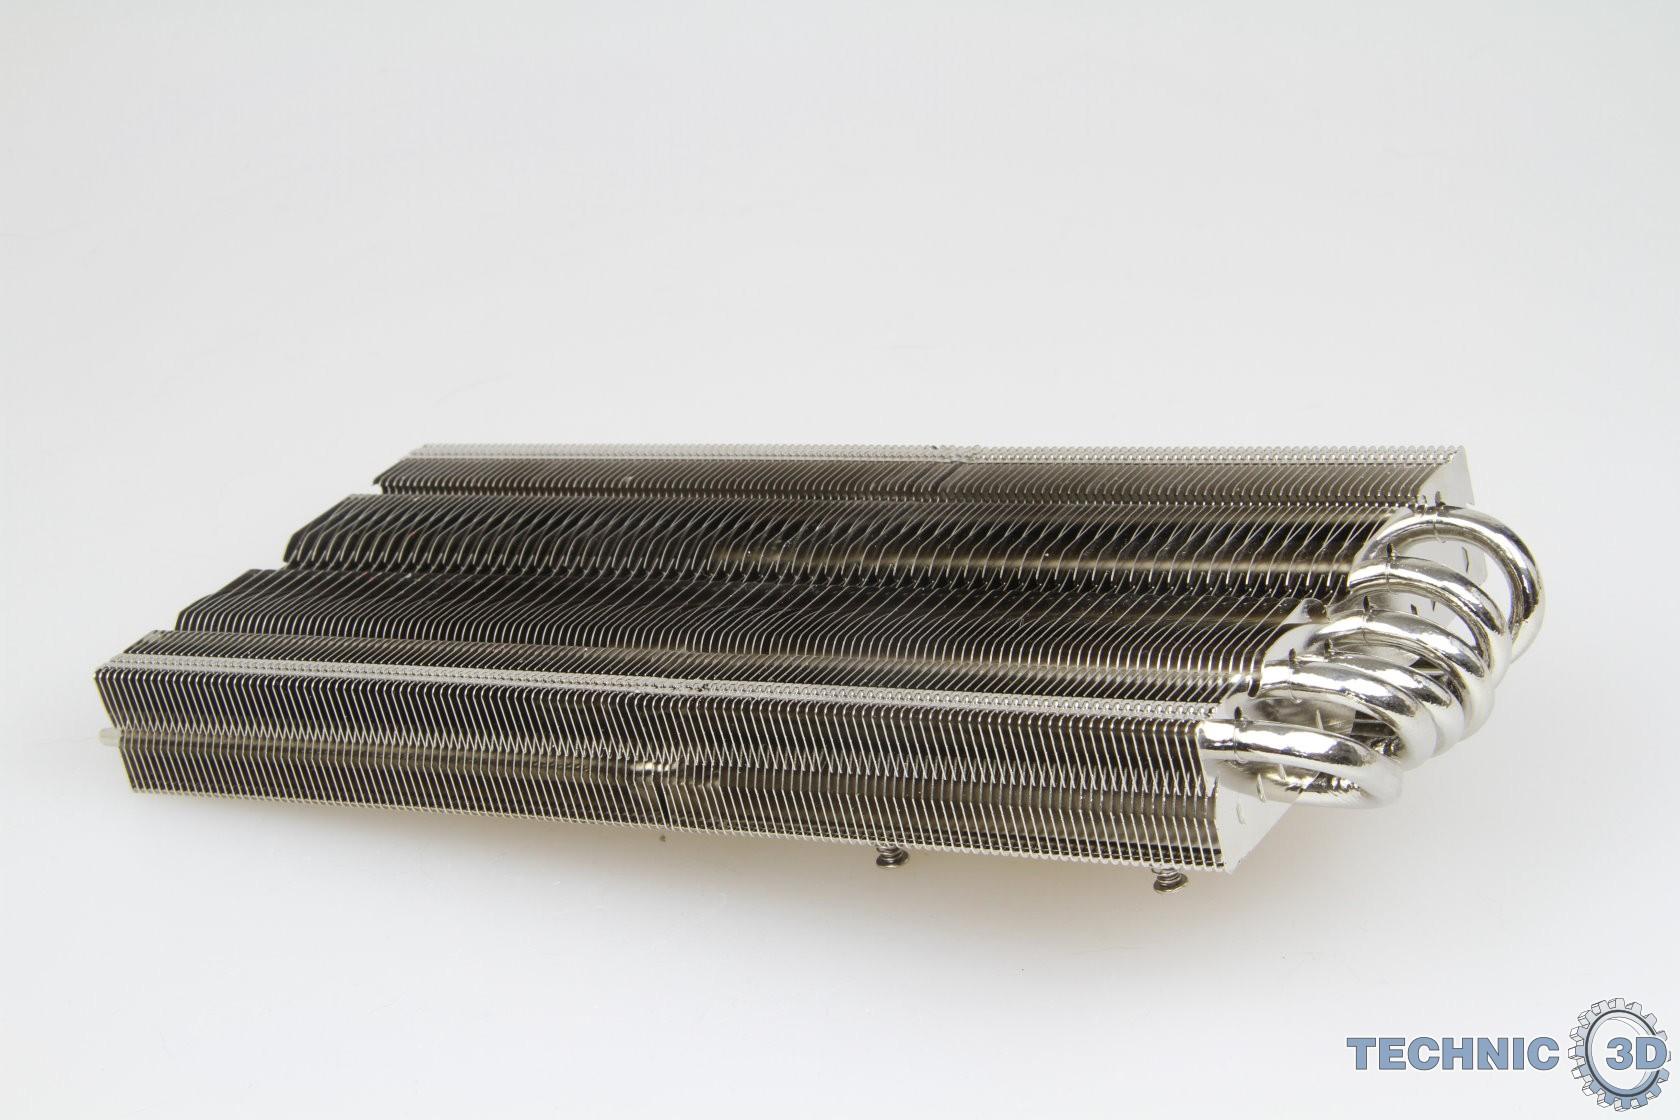 RaiJintek Morpheus VGA-Kühler auf AMD Radeon R9 290X im